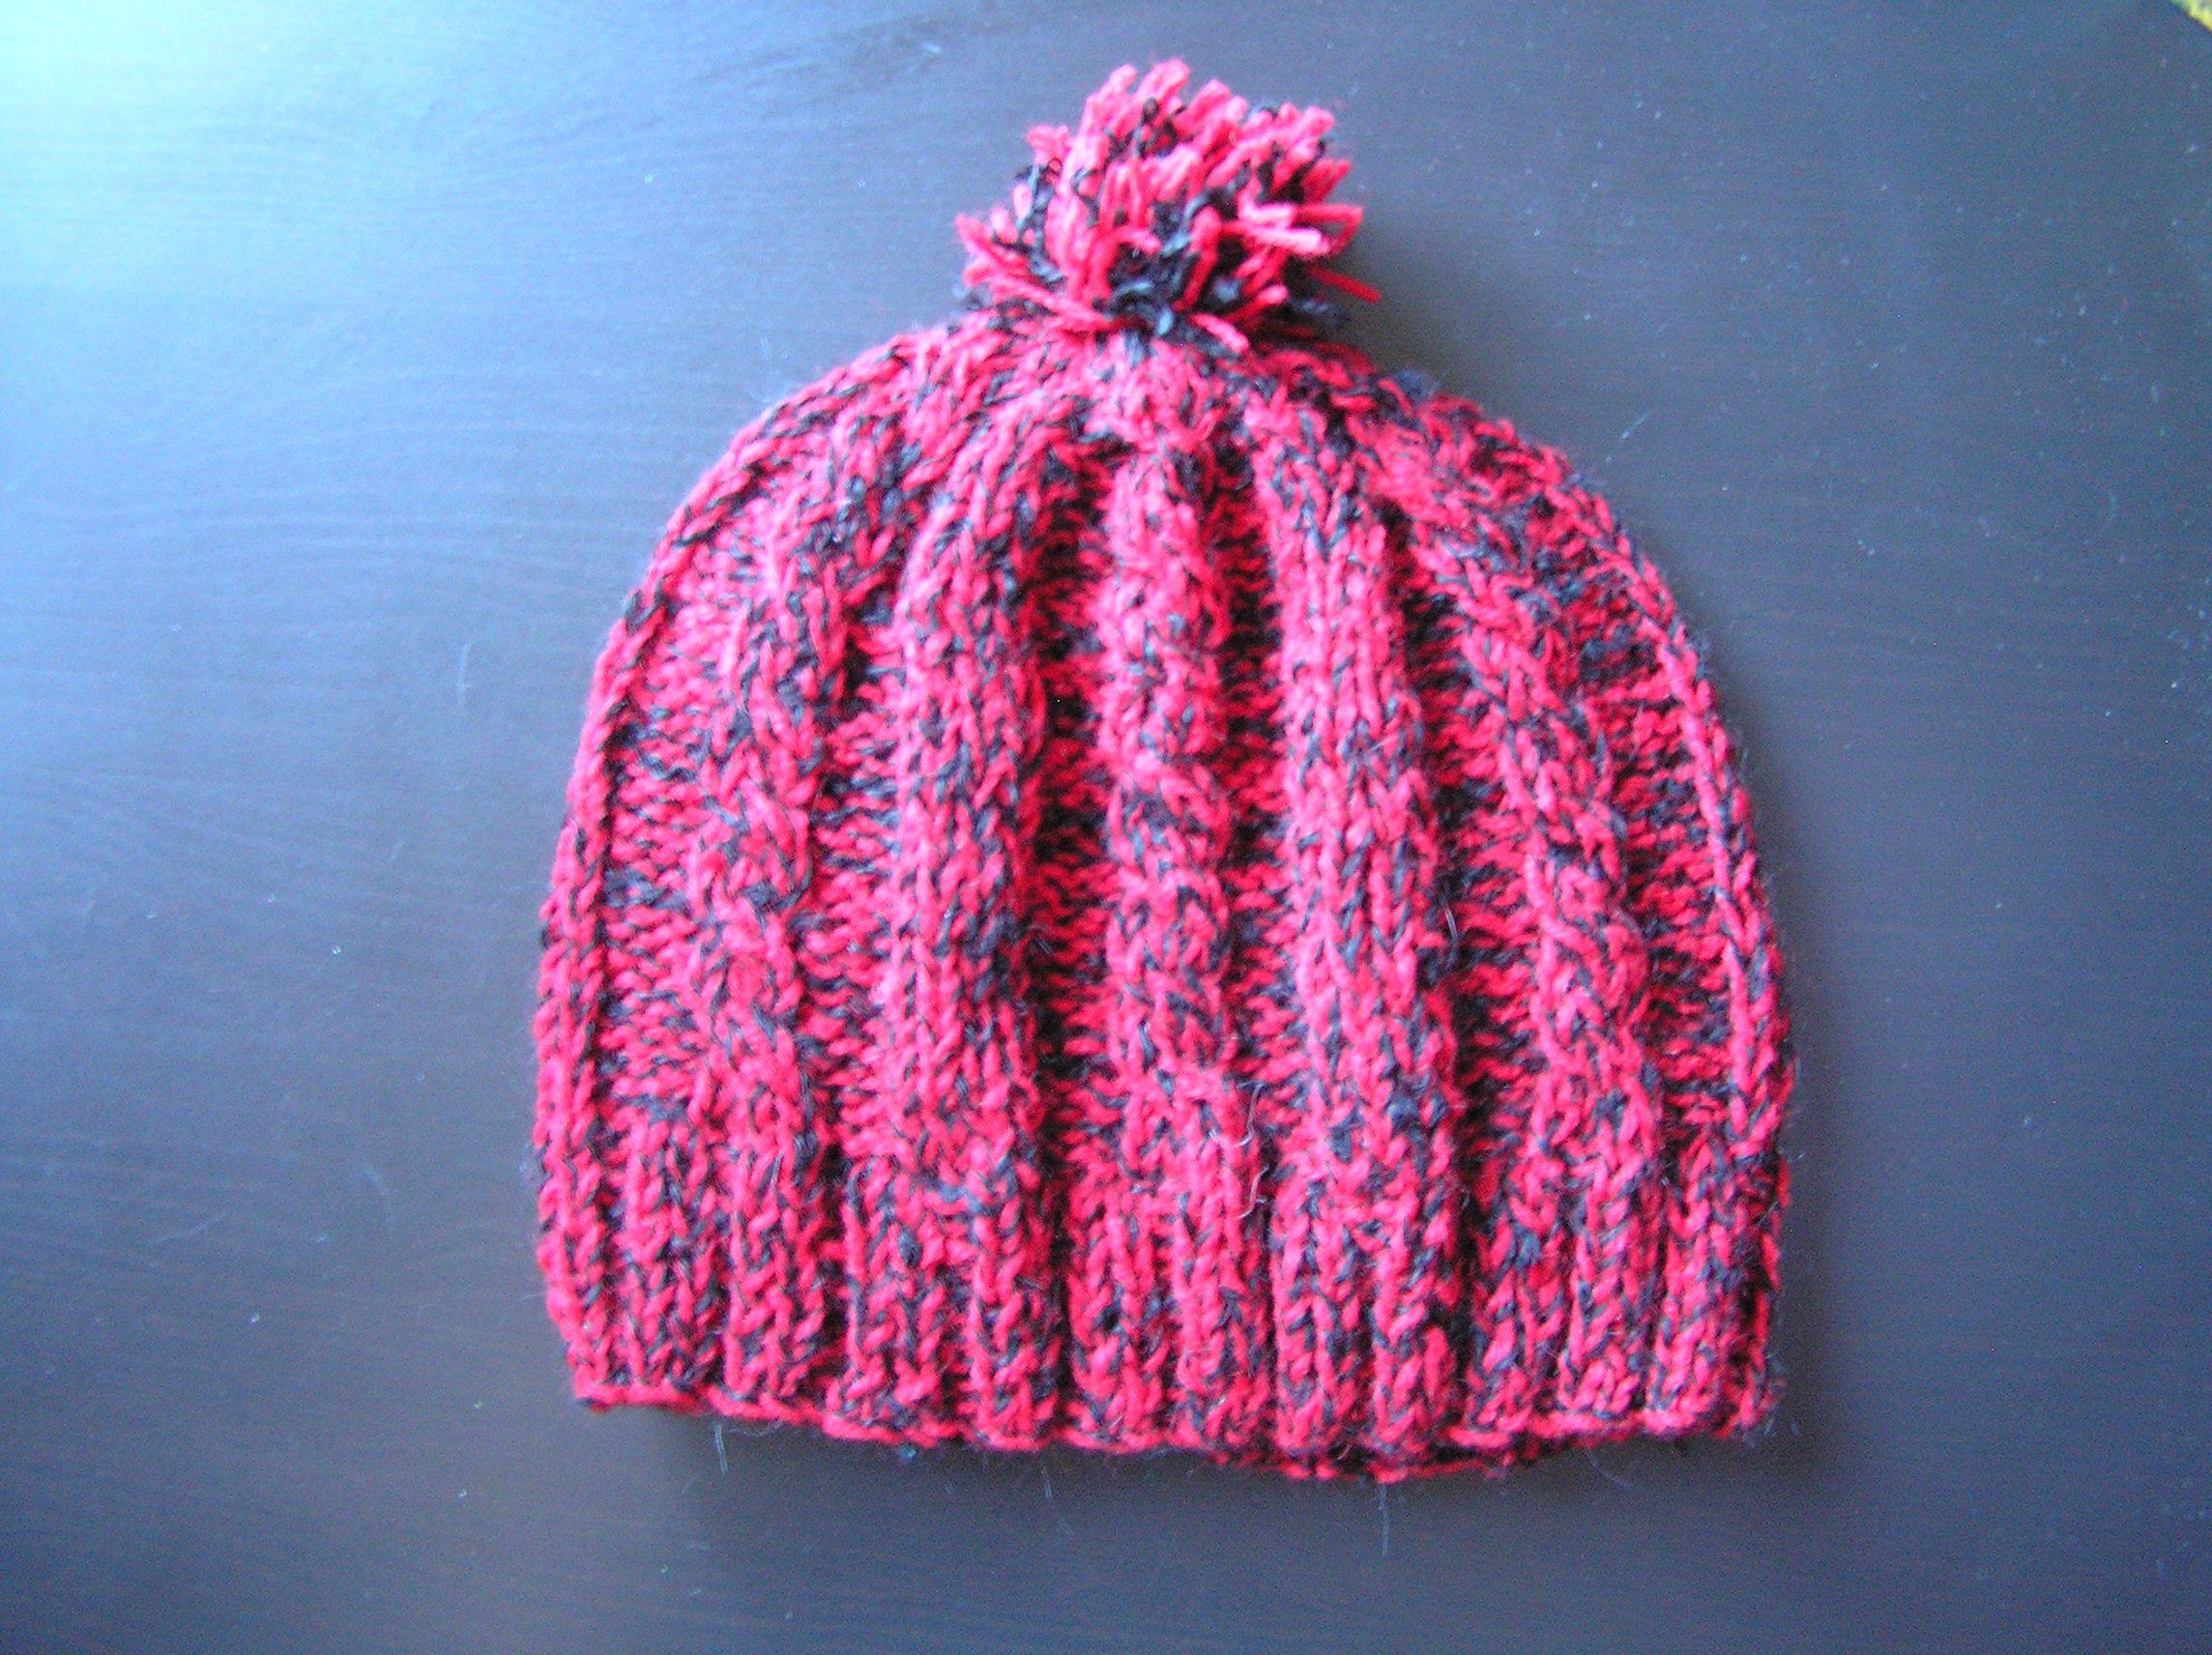 шапказимняя шапкавязаная шапкамужская шапкаспомпоном шапкаженская шапка